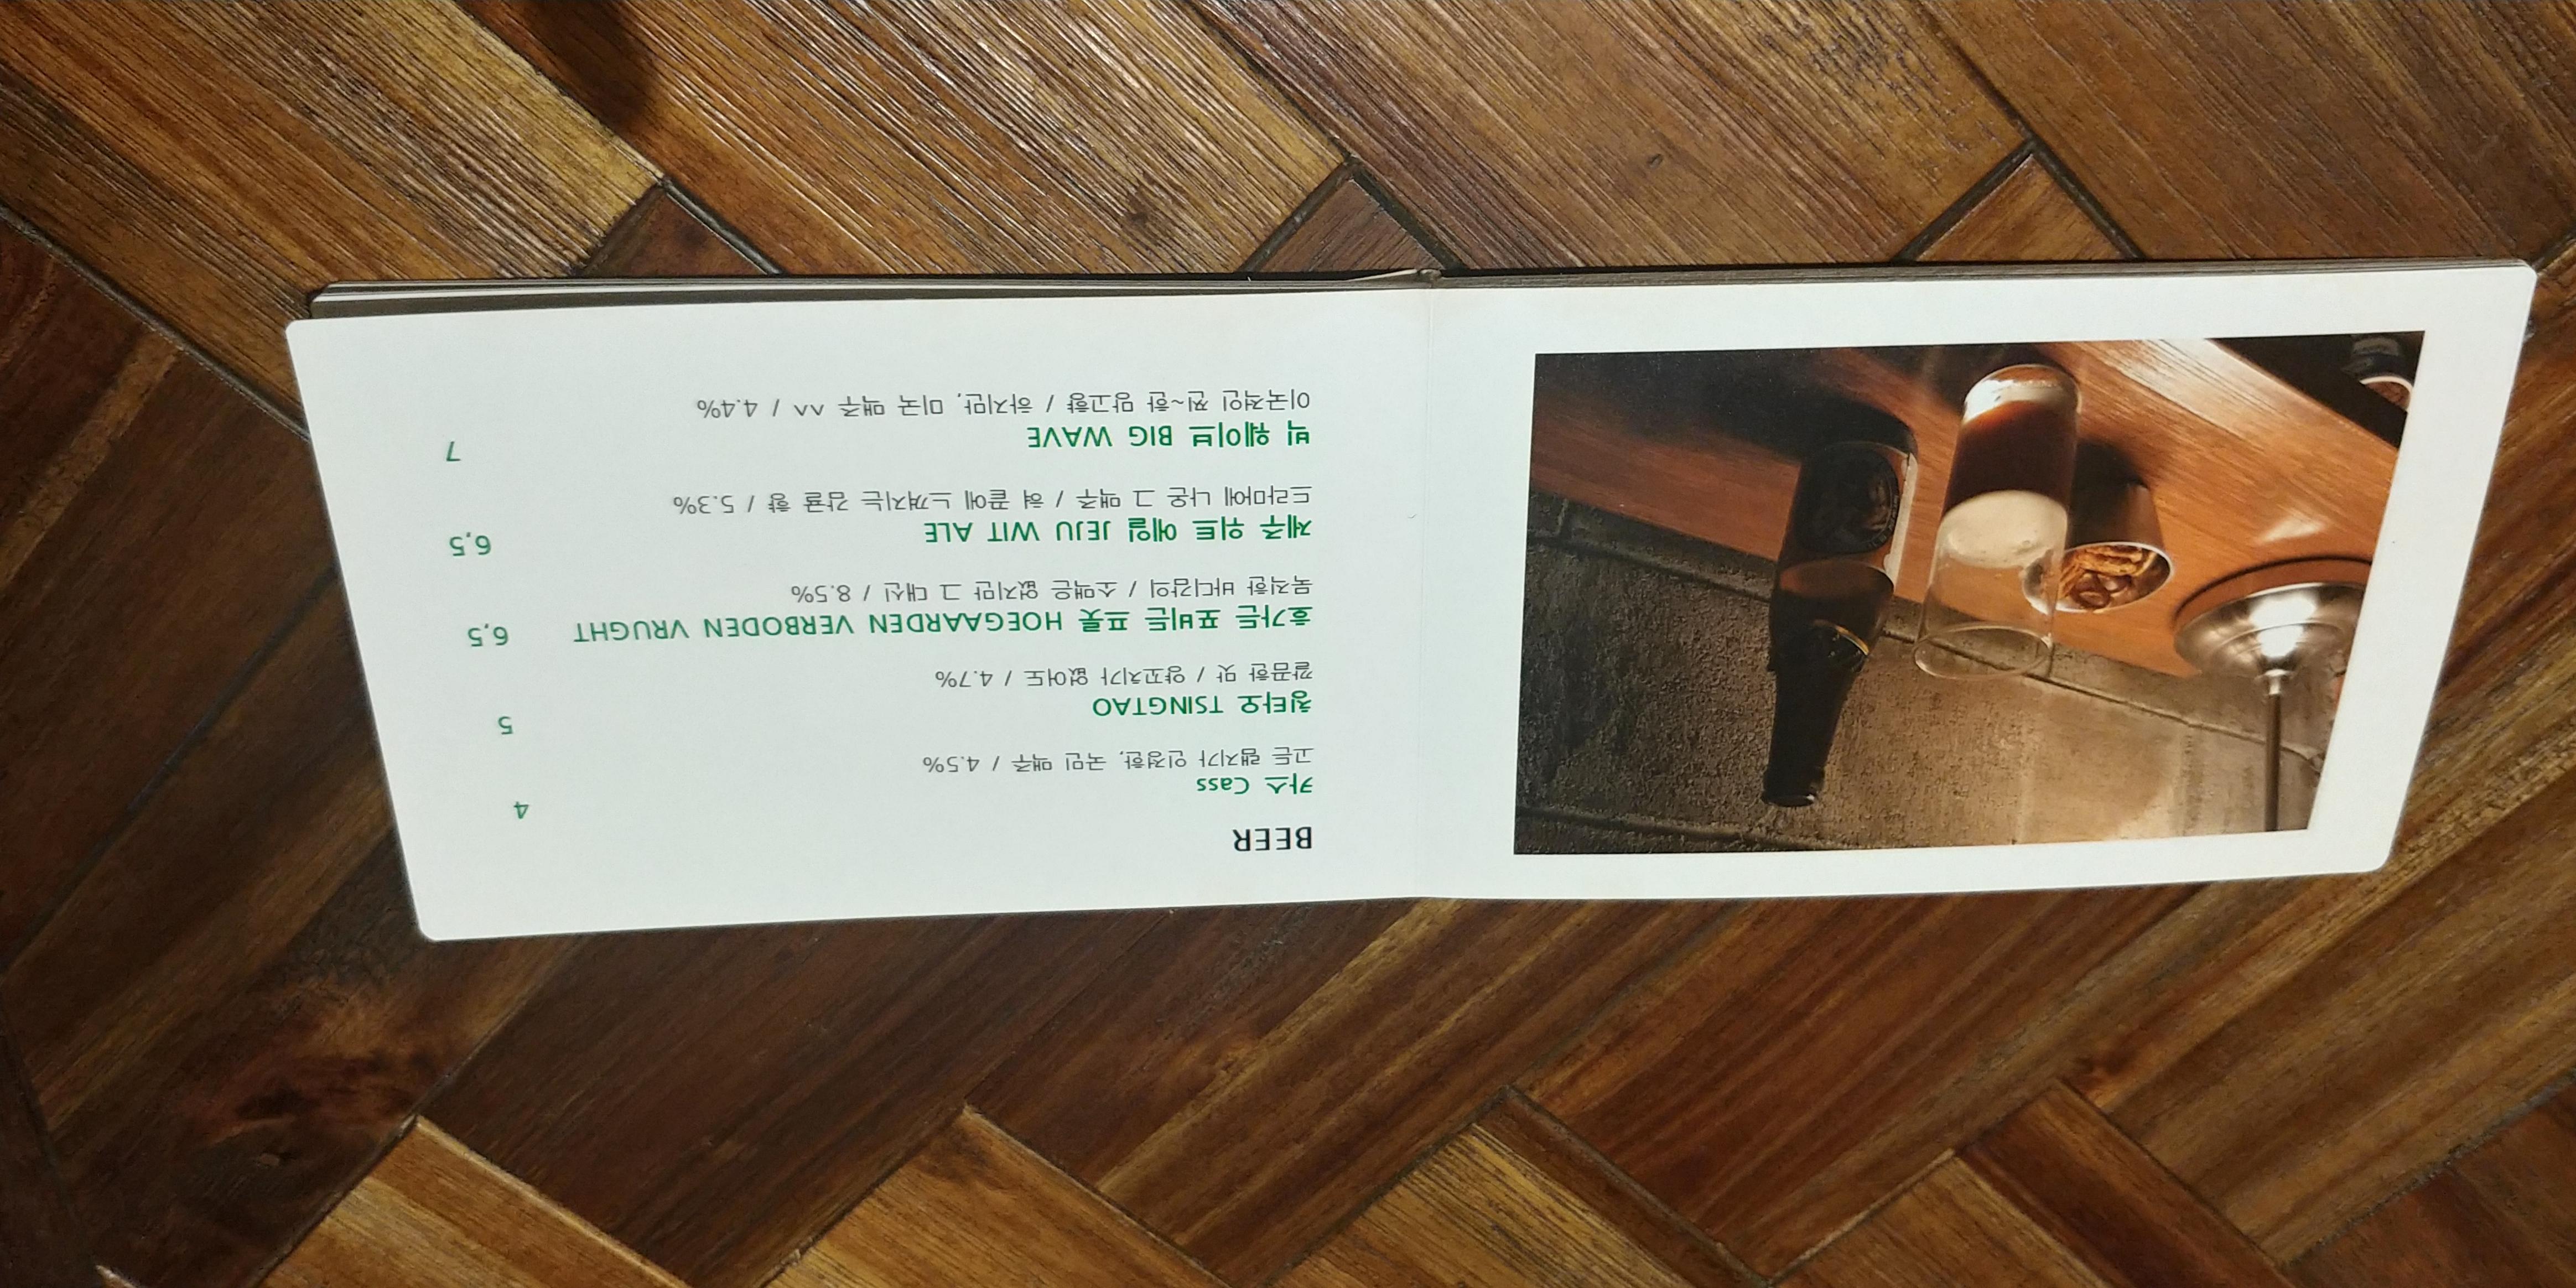 제주도 봉개동 카페 노네임드 봉개 메뉴판 6